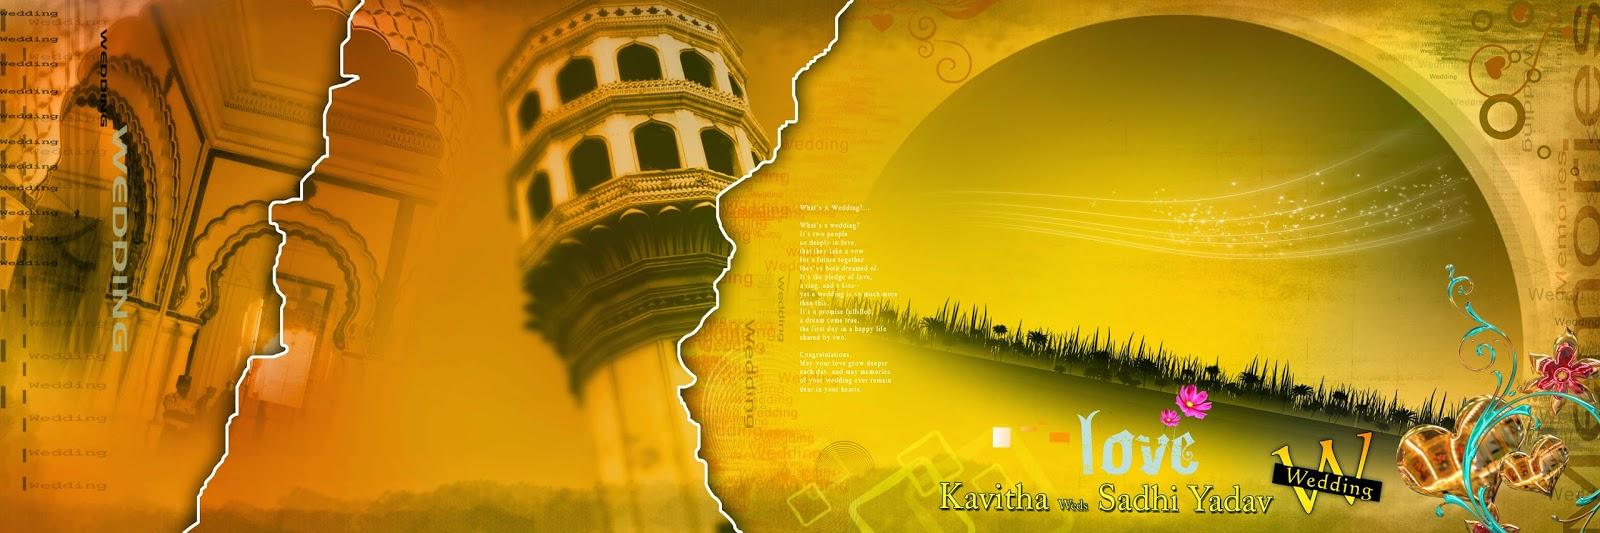 banner design background psd files free download keywordstrading s blog keywordstrading hatenablog com